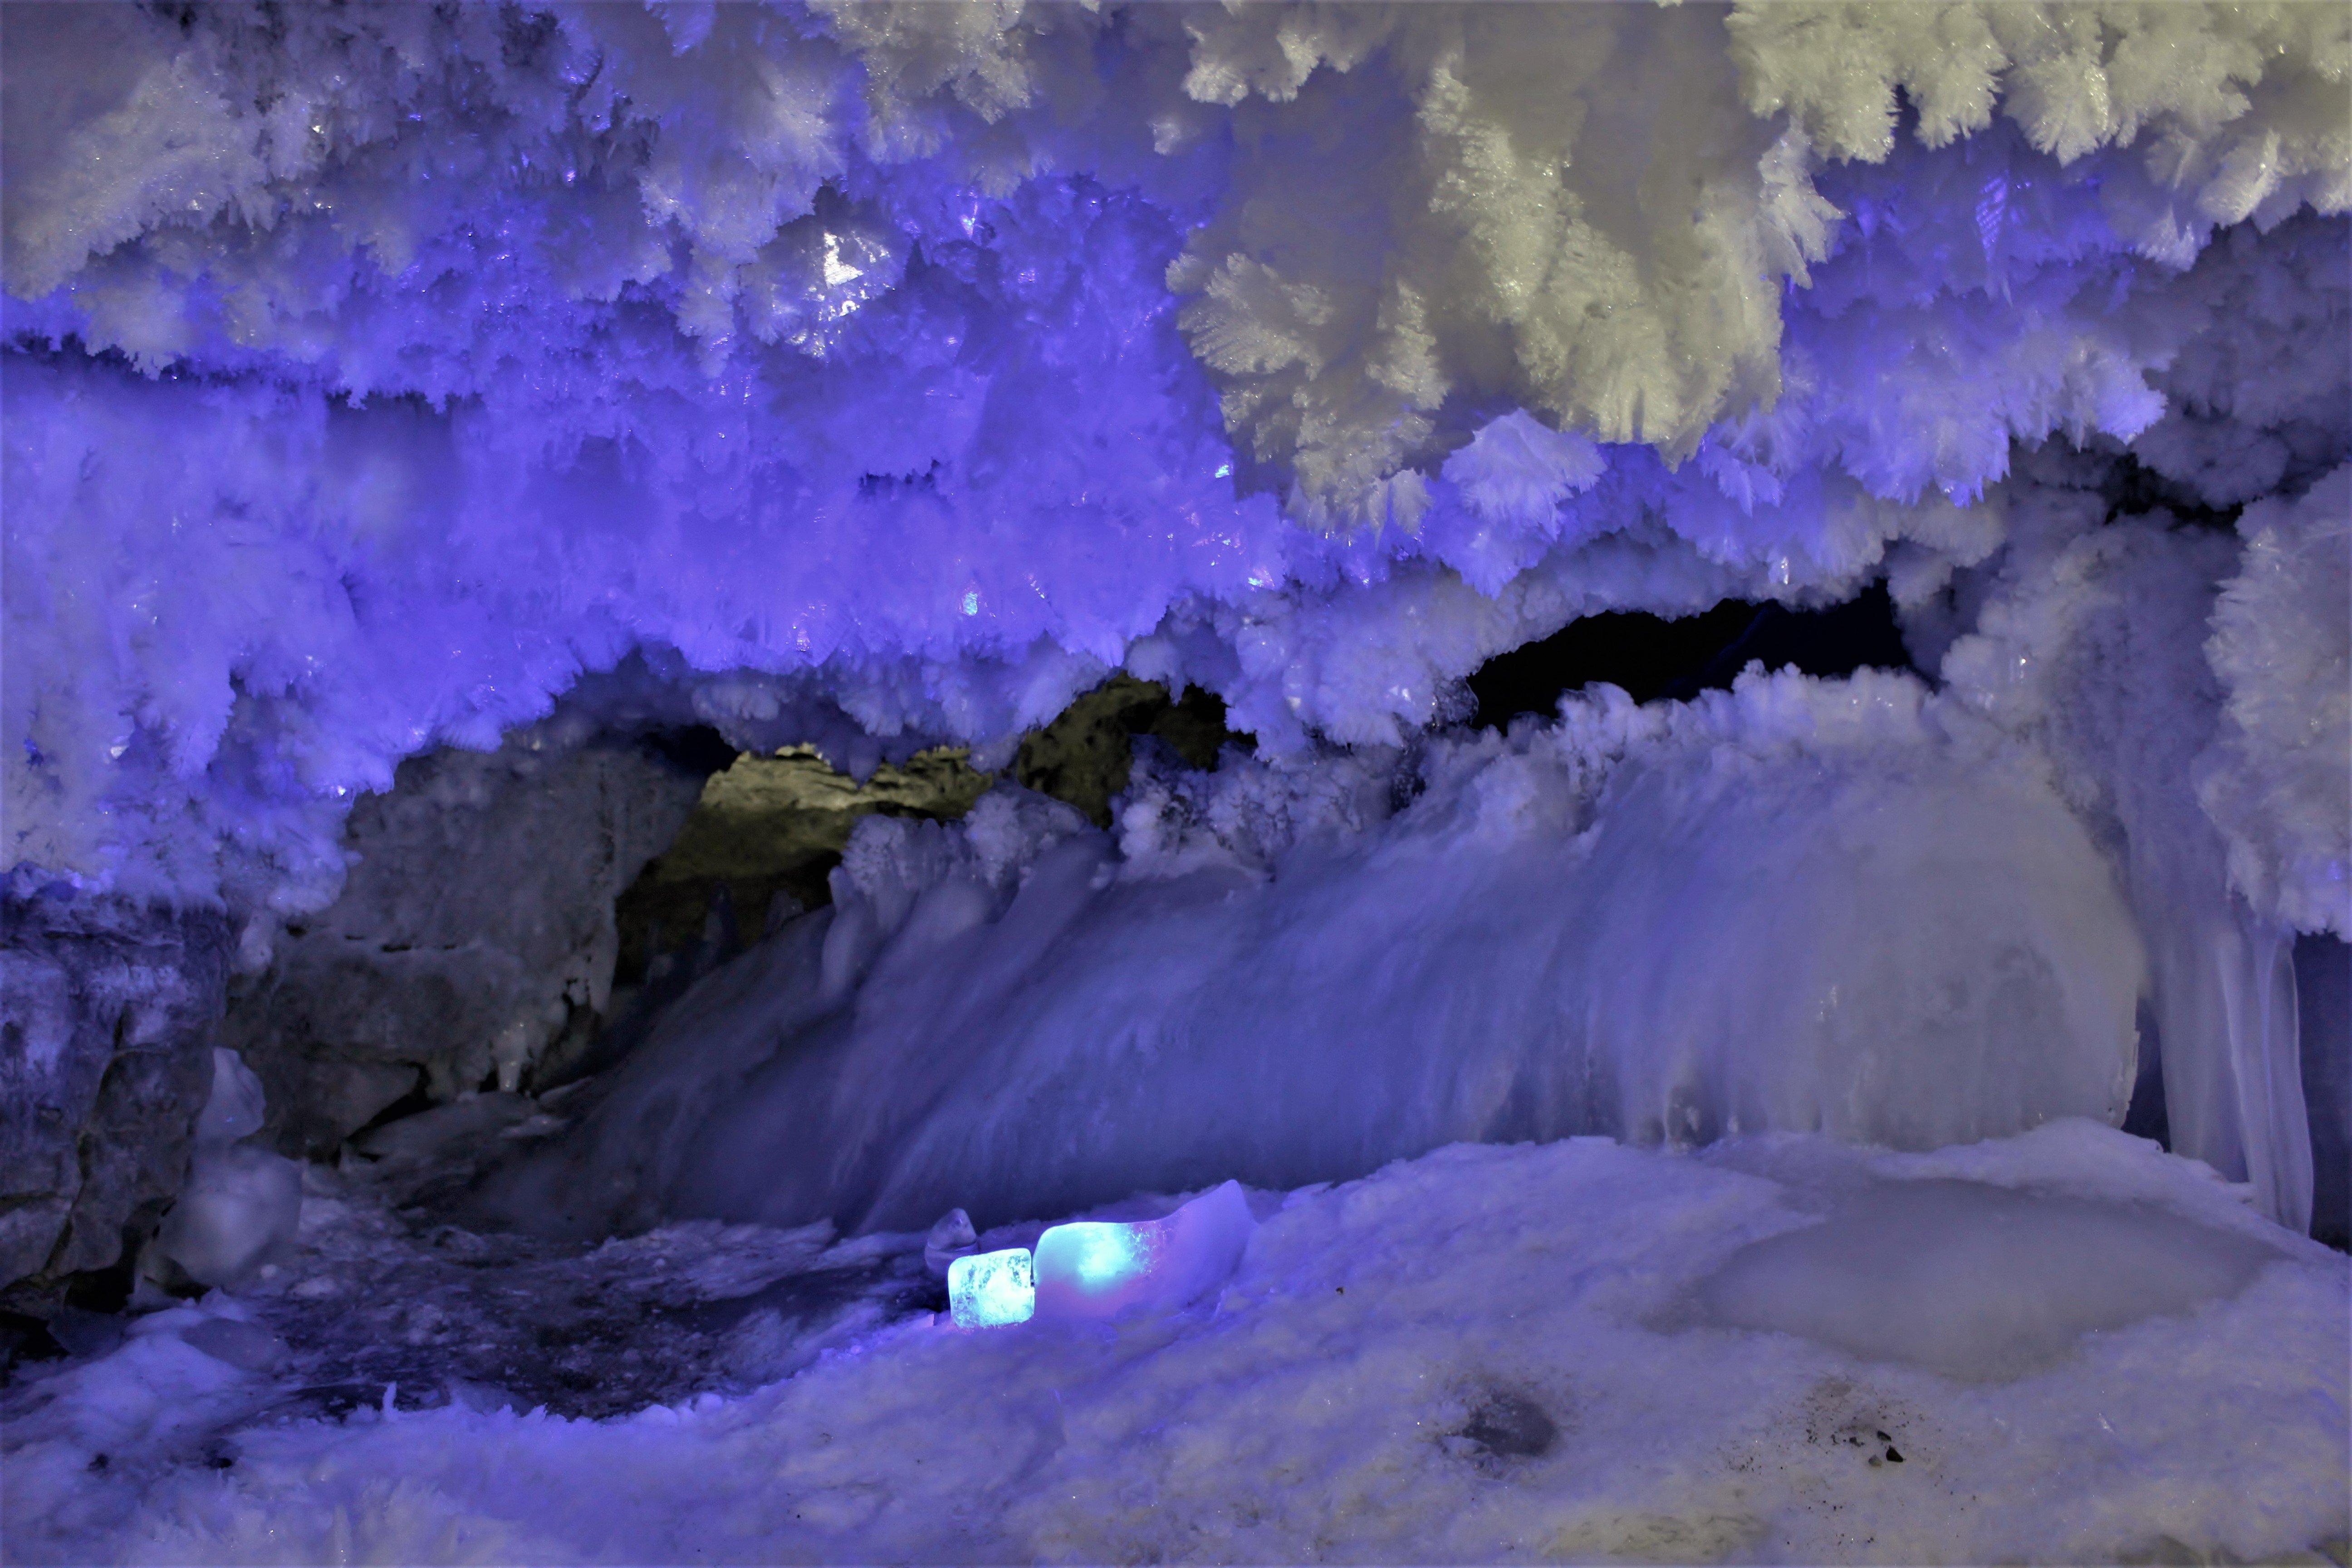 кунгурская ледяная пещера картинки на рабочий стол годы